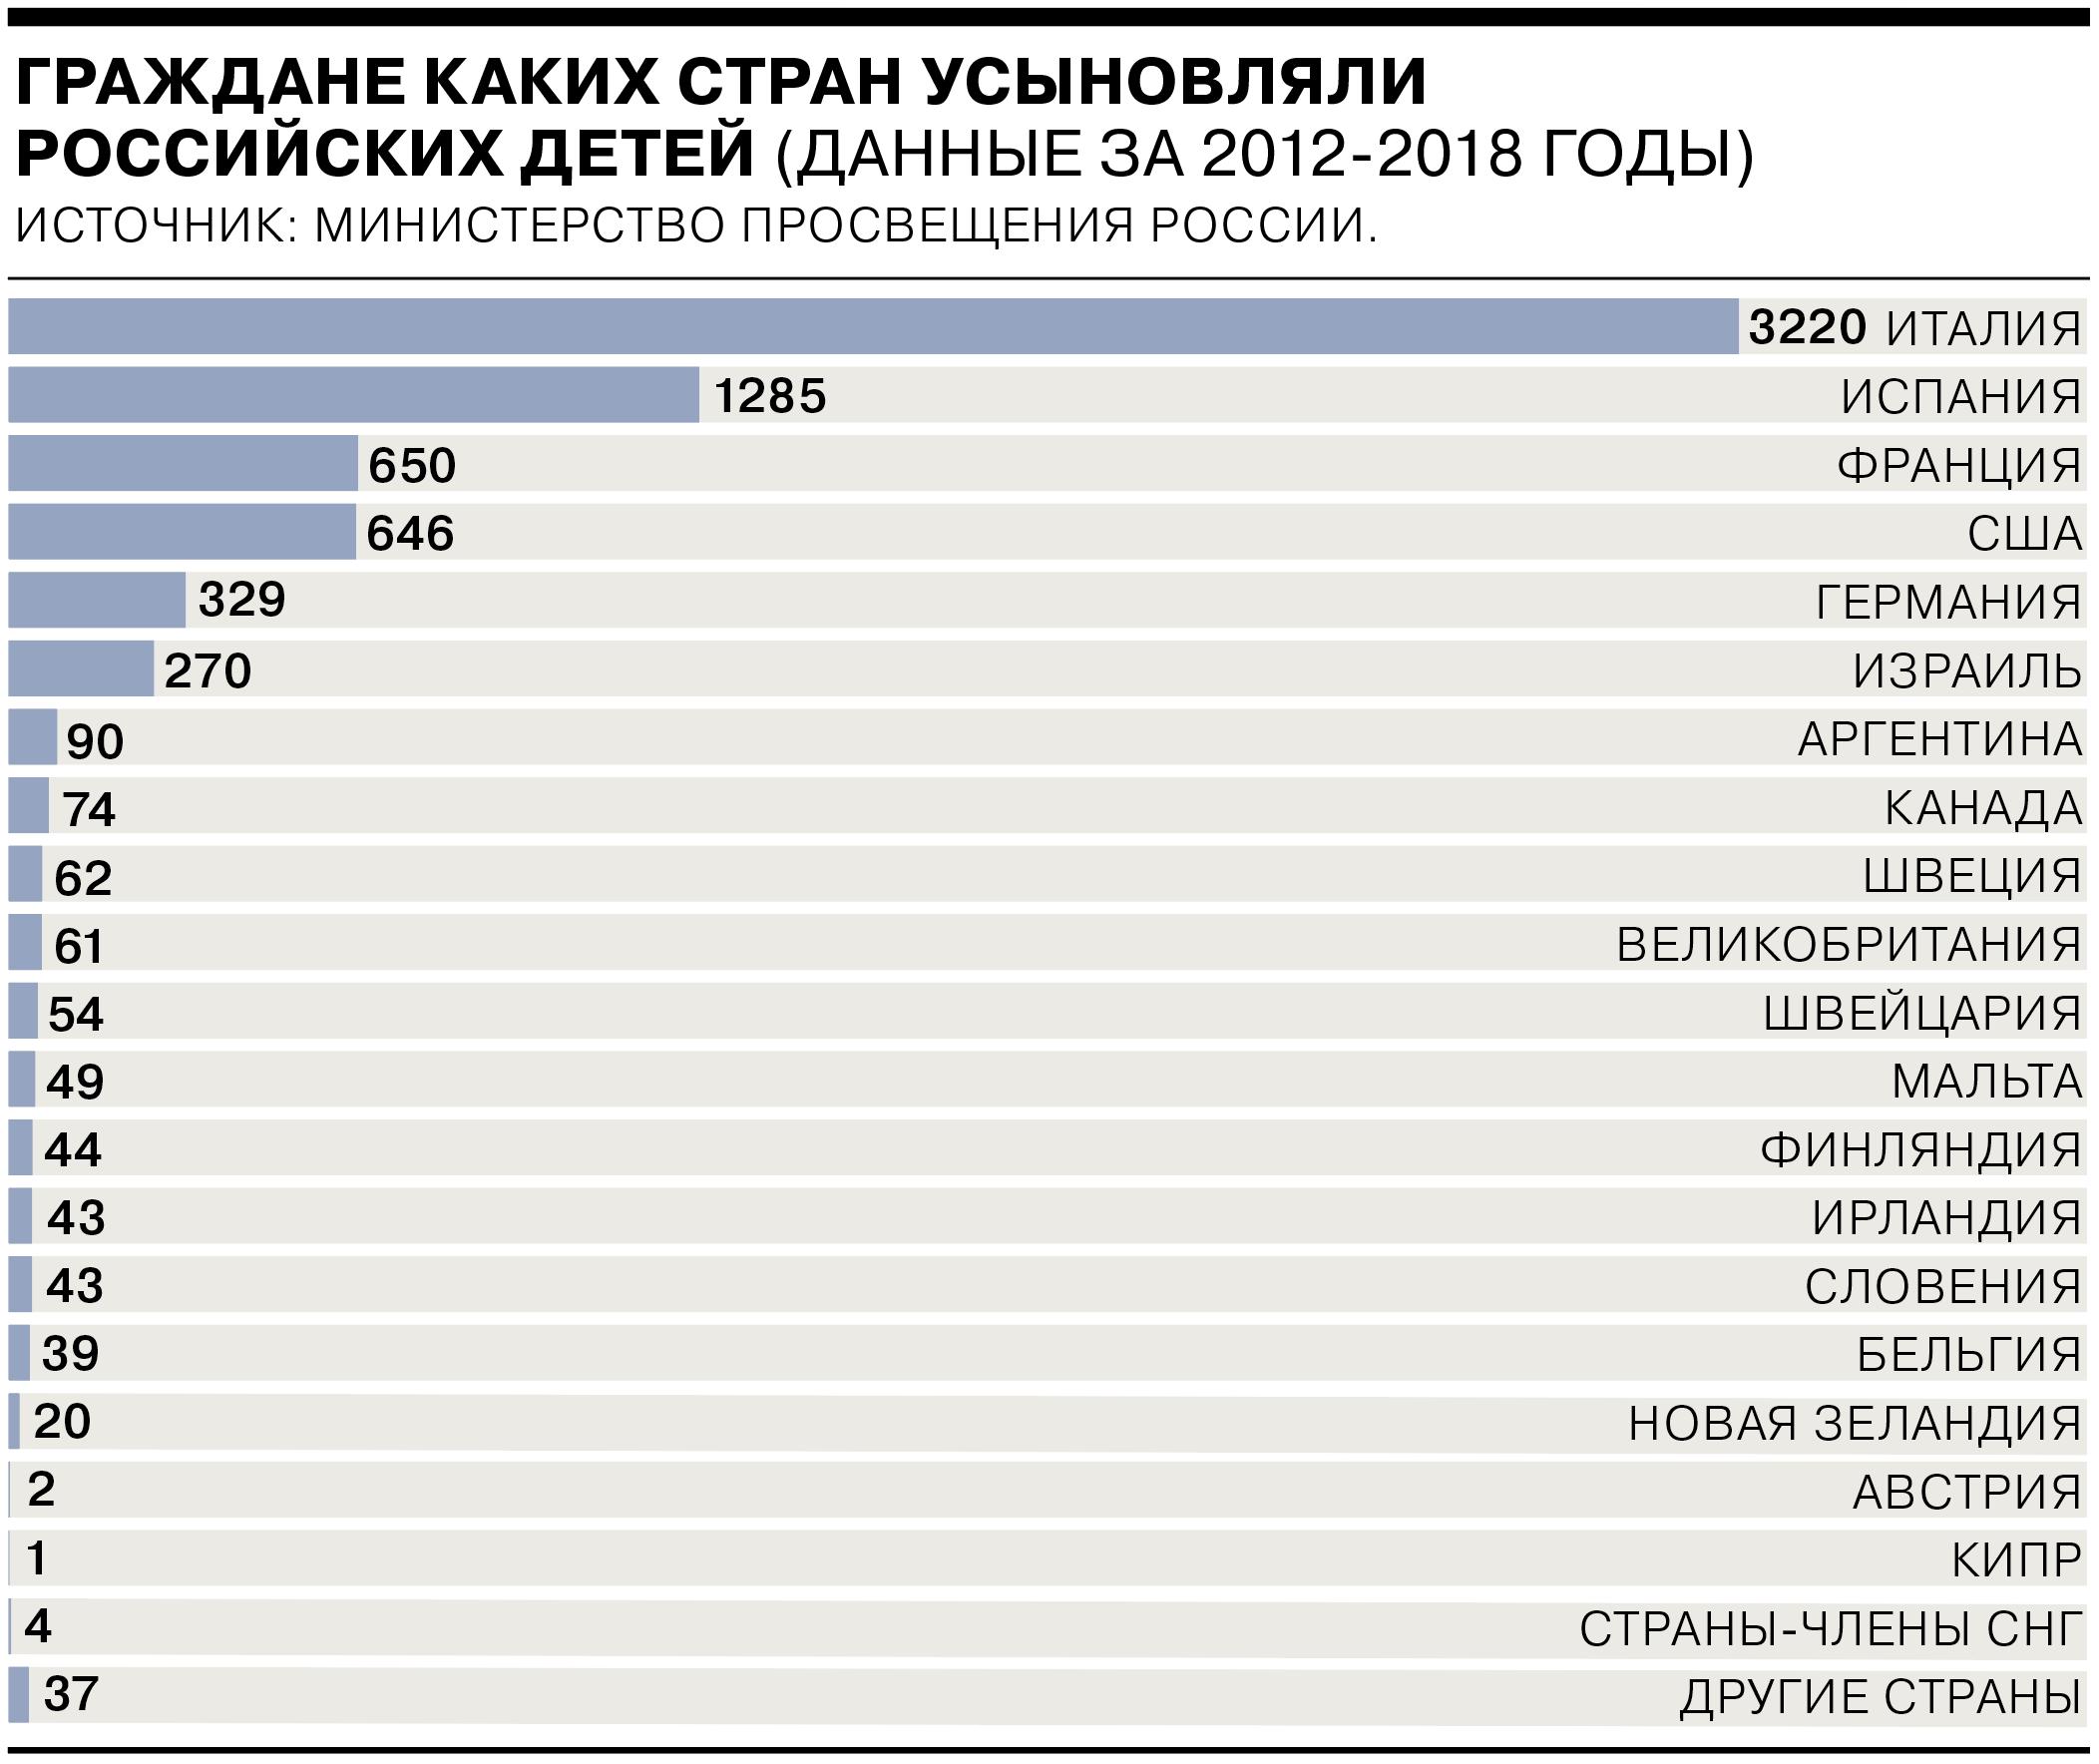 граждане каких стран усыновляли российских детей (данные за 2012-2018 годы